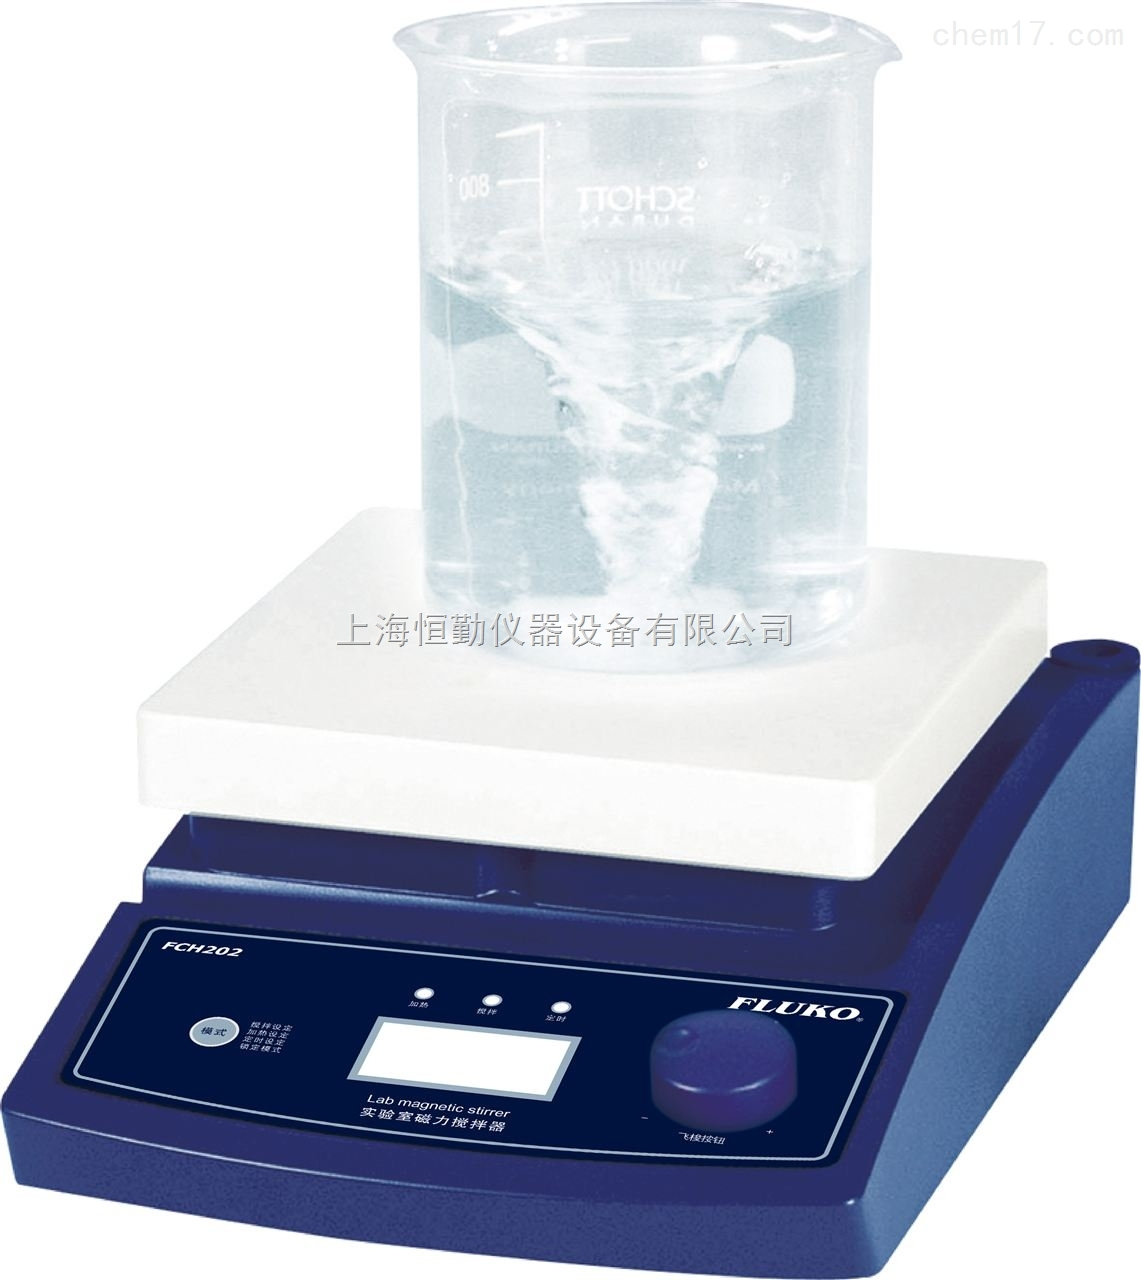 数显加热磁力搅拌器FCH202